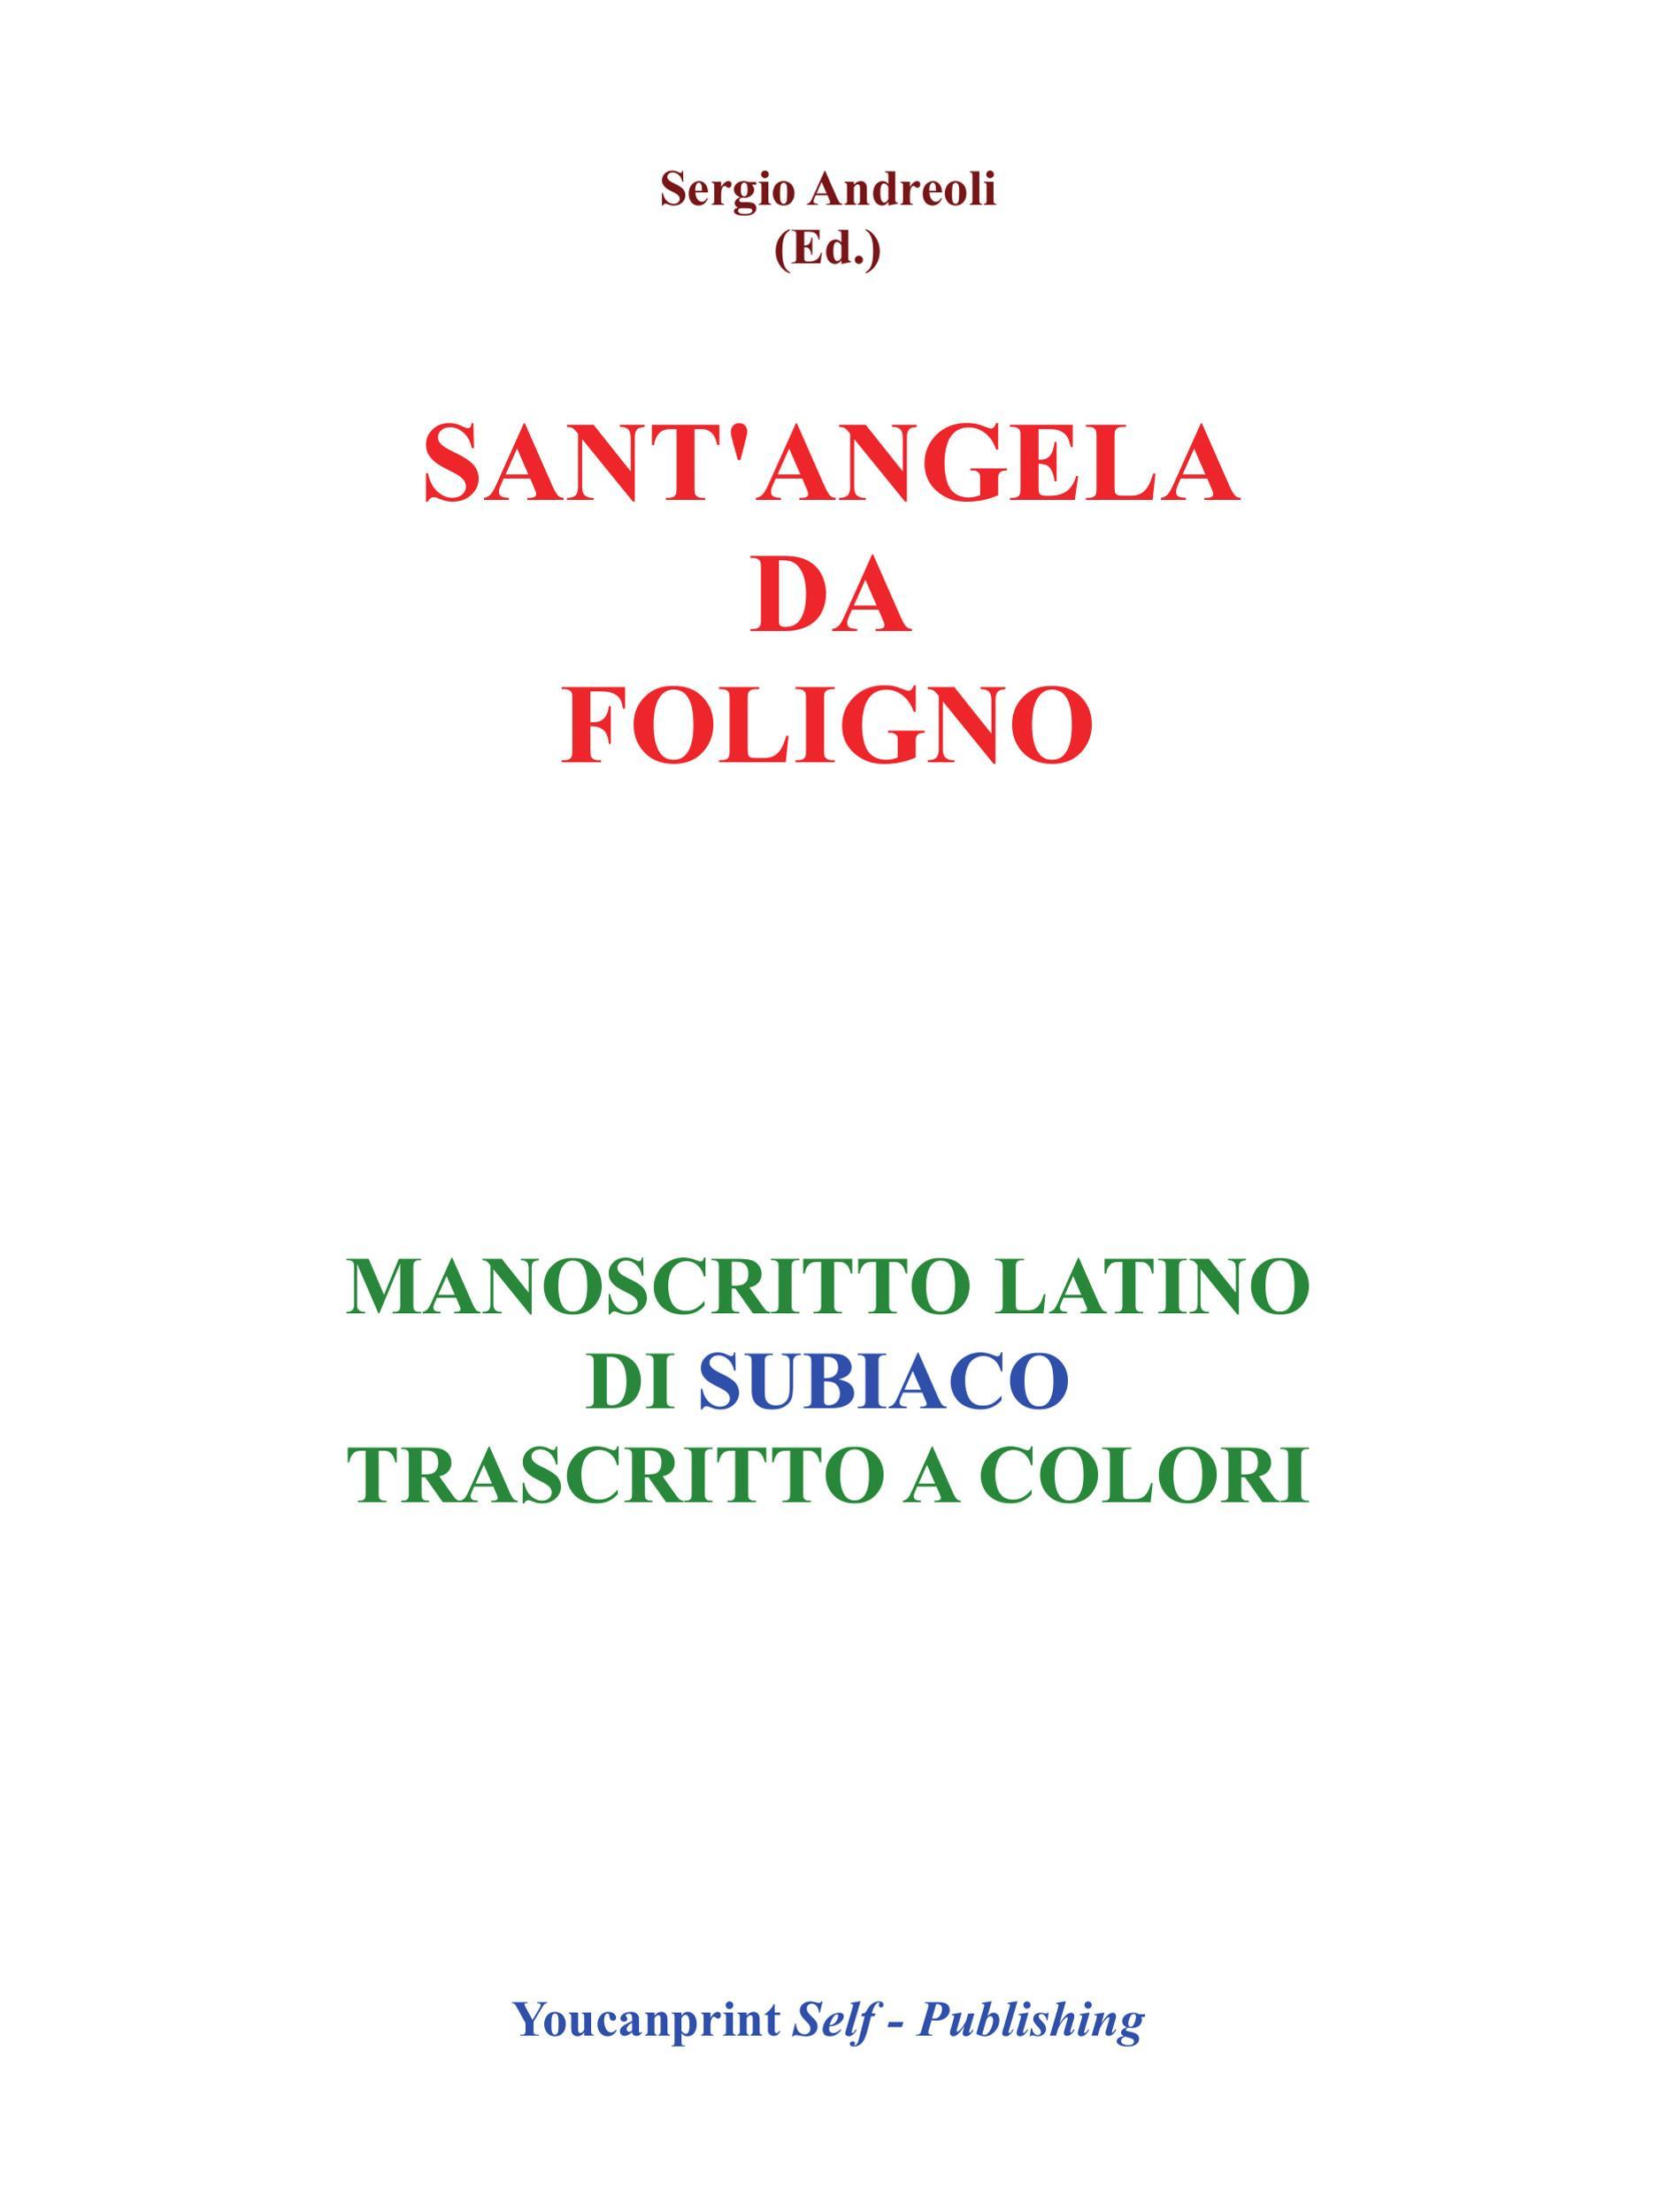 S.Angela da Foligno - Manoscritto latino di Subiaco trascritto a colori